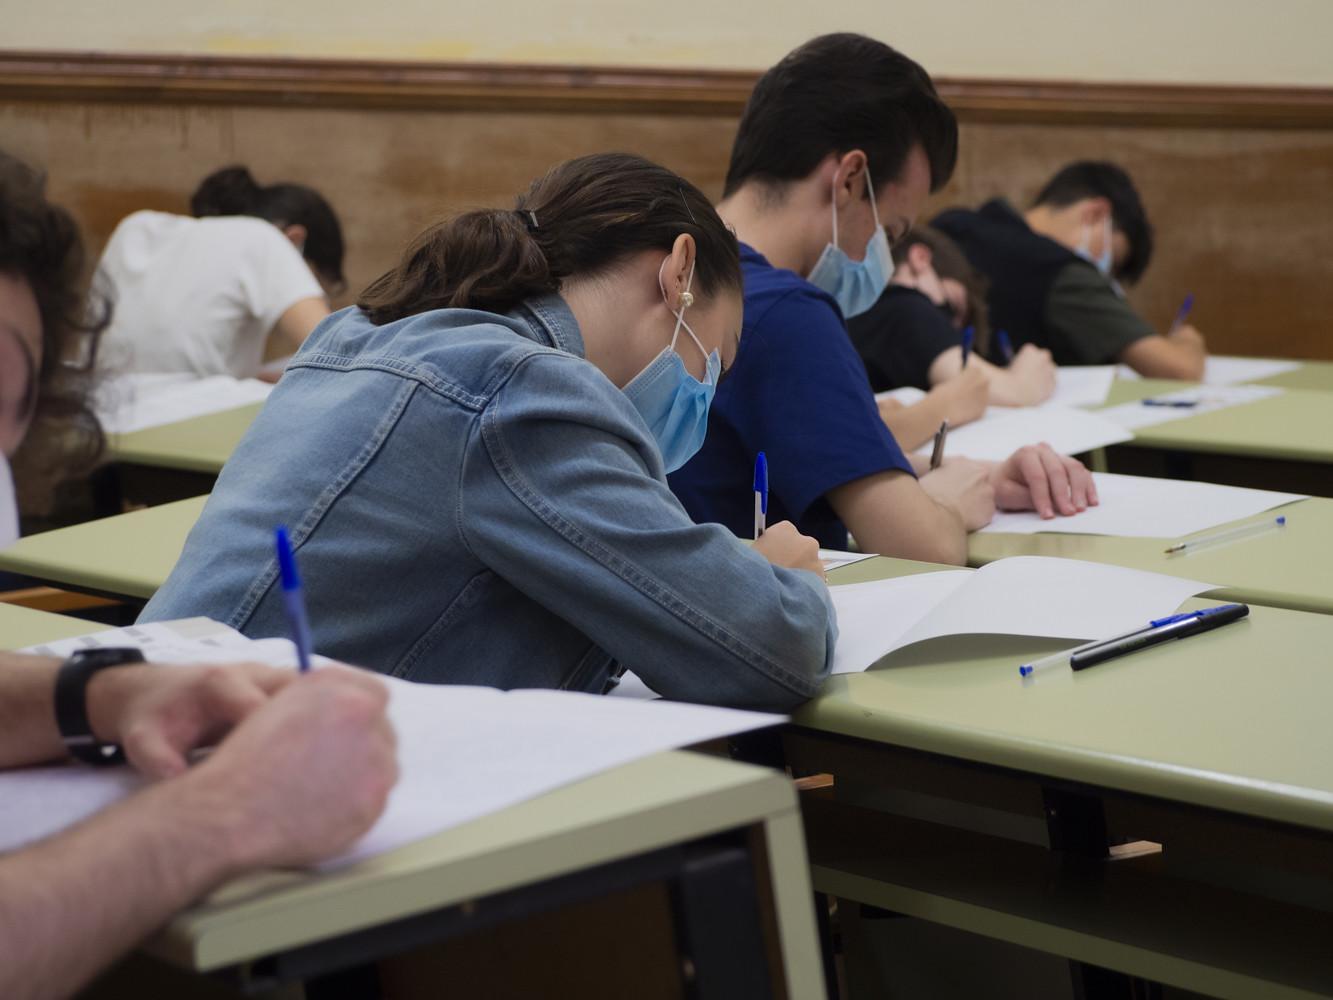 1616 estudiantes se han examinado de la Prueba de Evaluación para el Acceso a la Universidad en la convocatoria extraordinaria